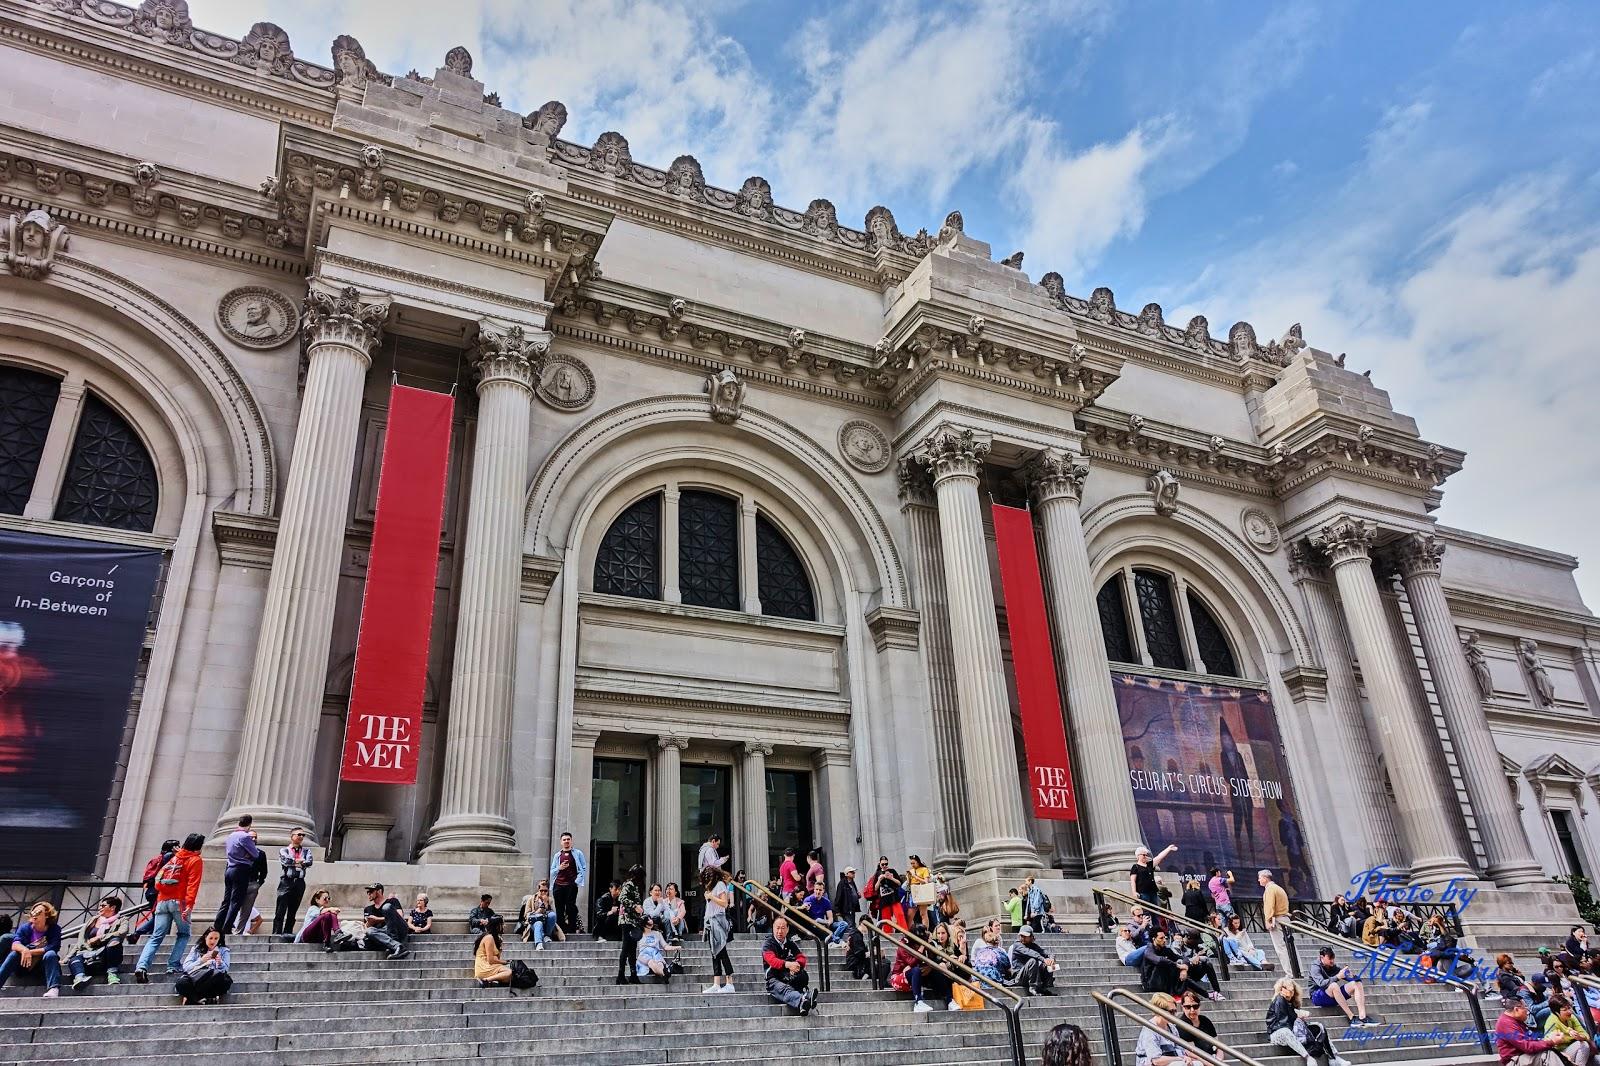 美國大都會博物館 - 麥克愛旅行